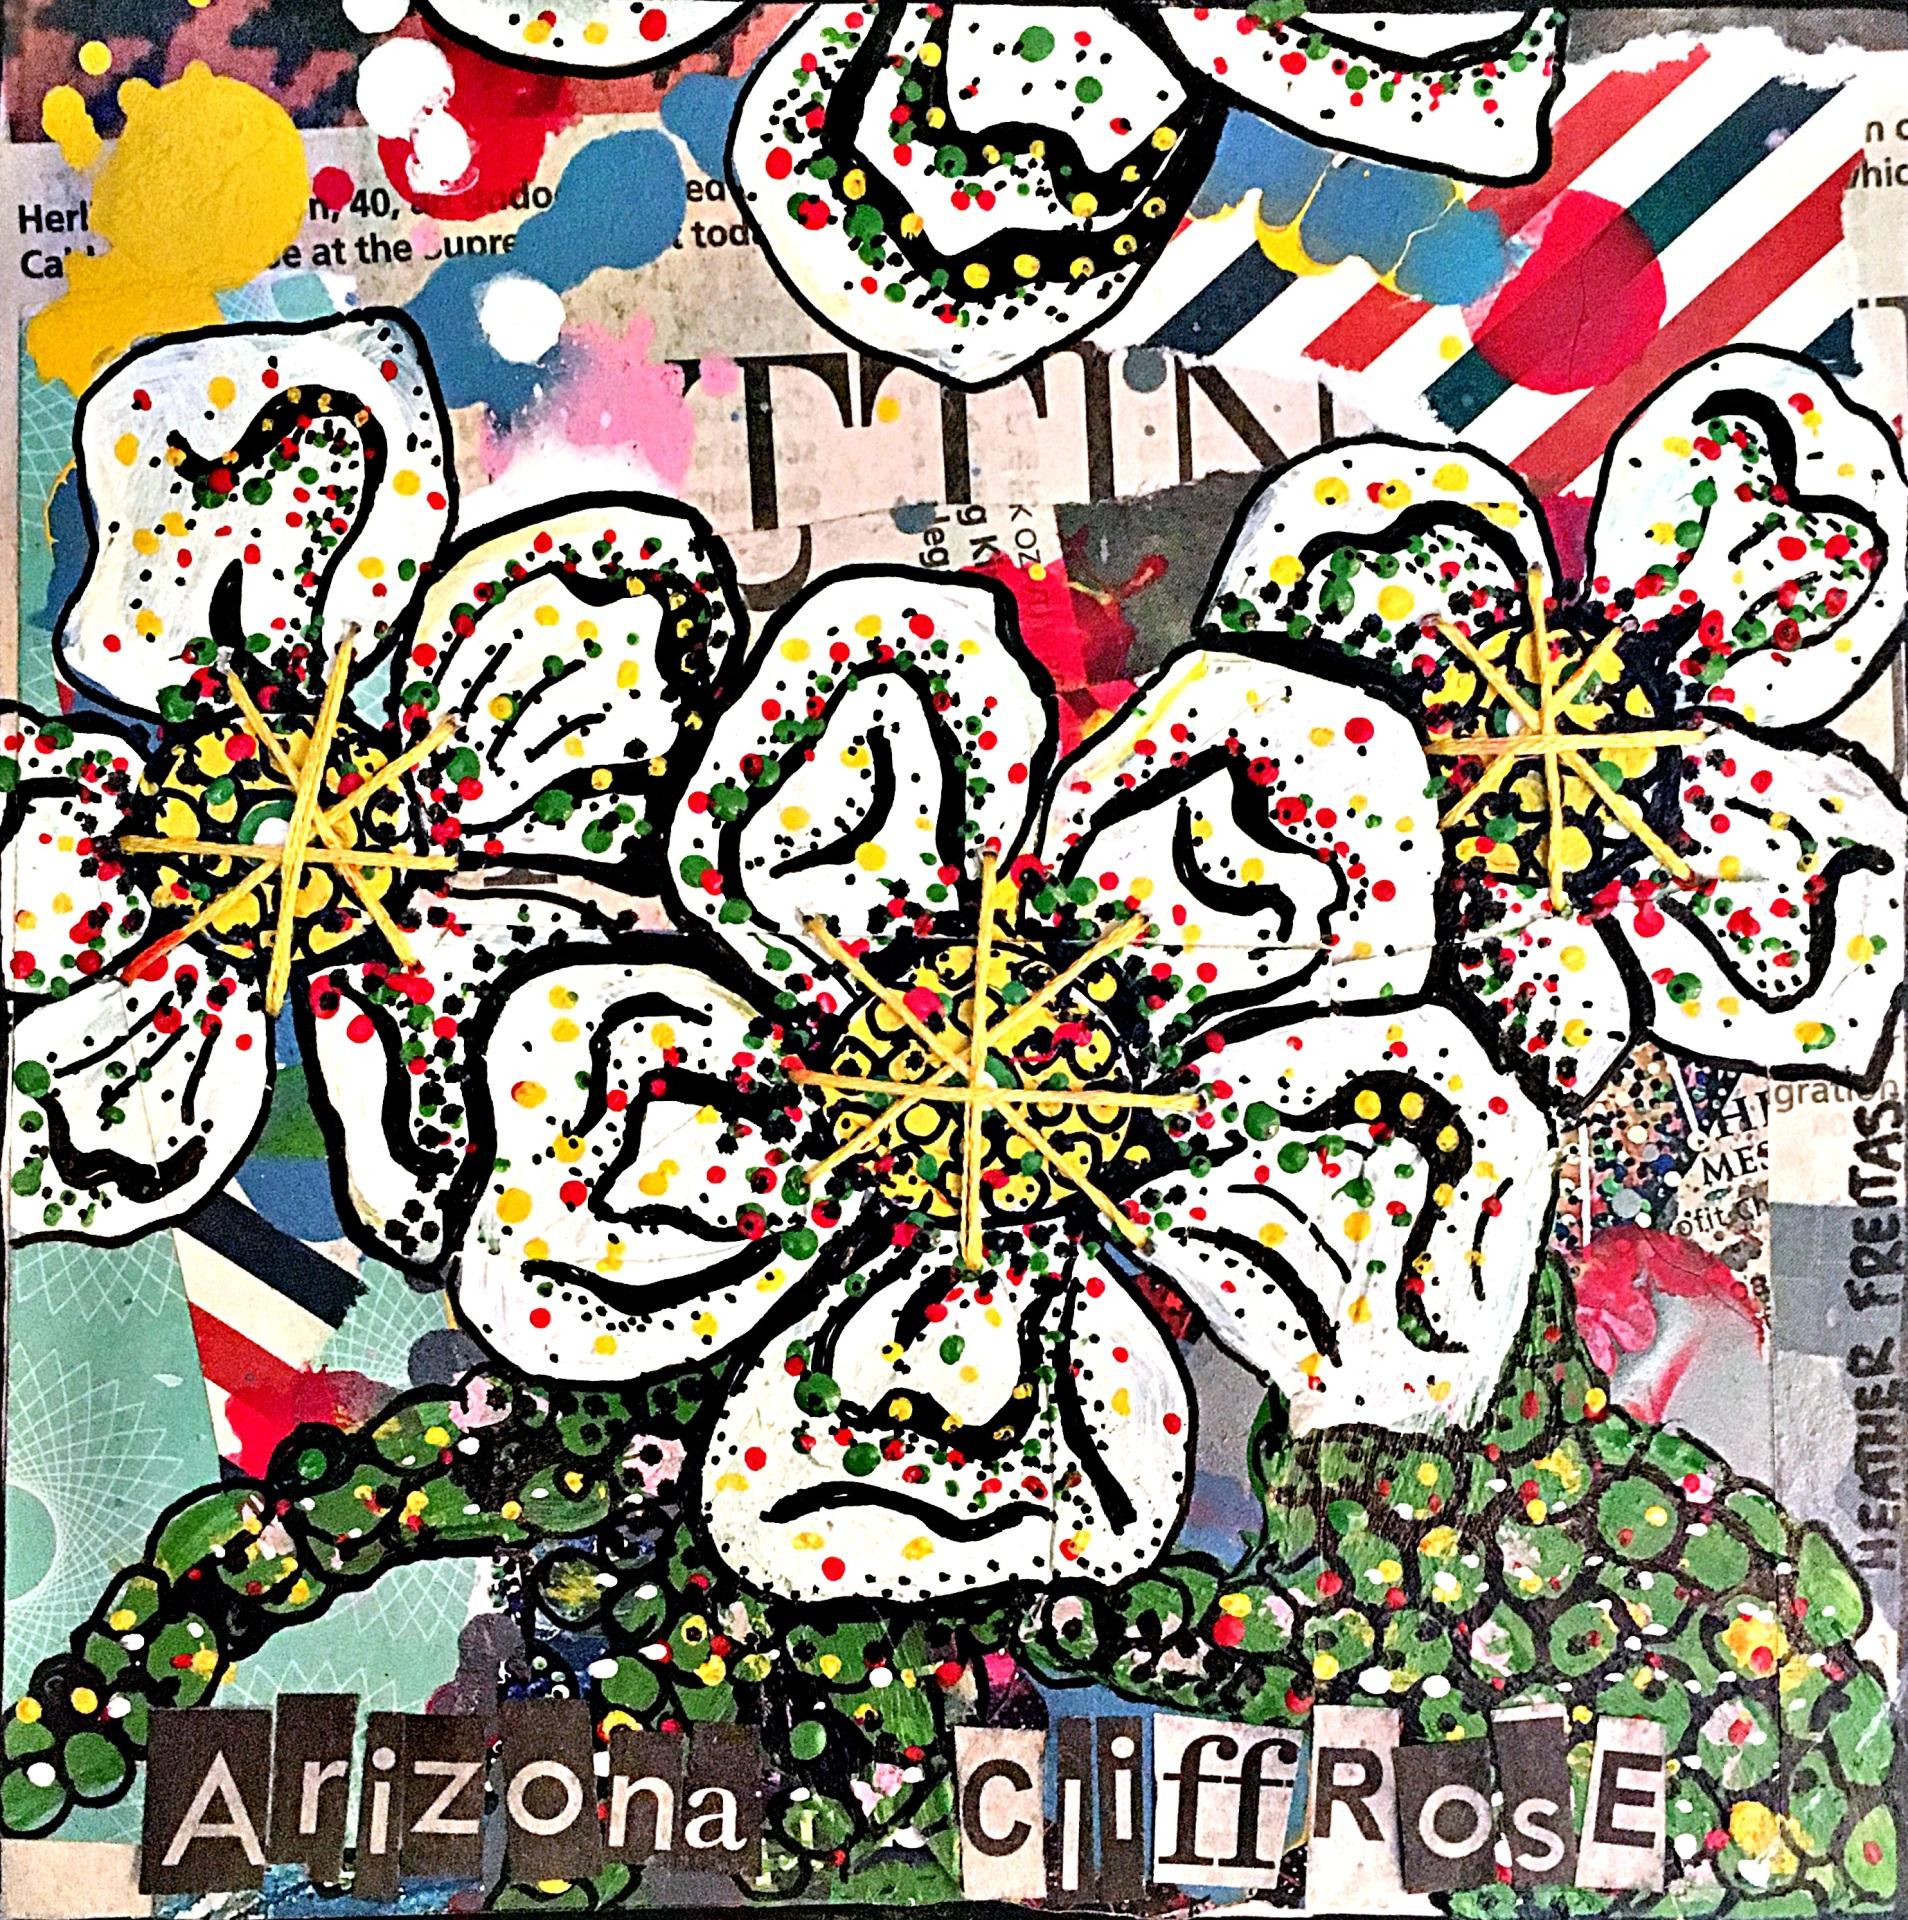 Arizona Cliffrose II